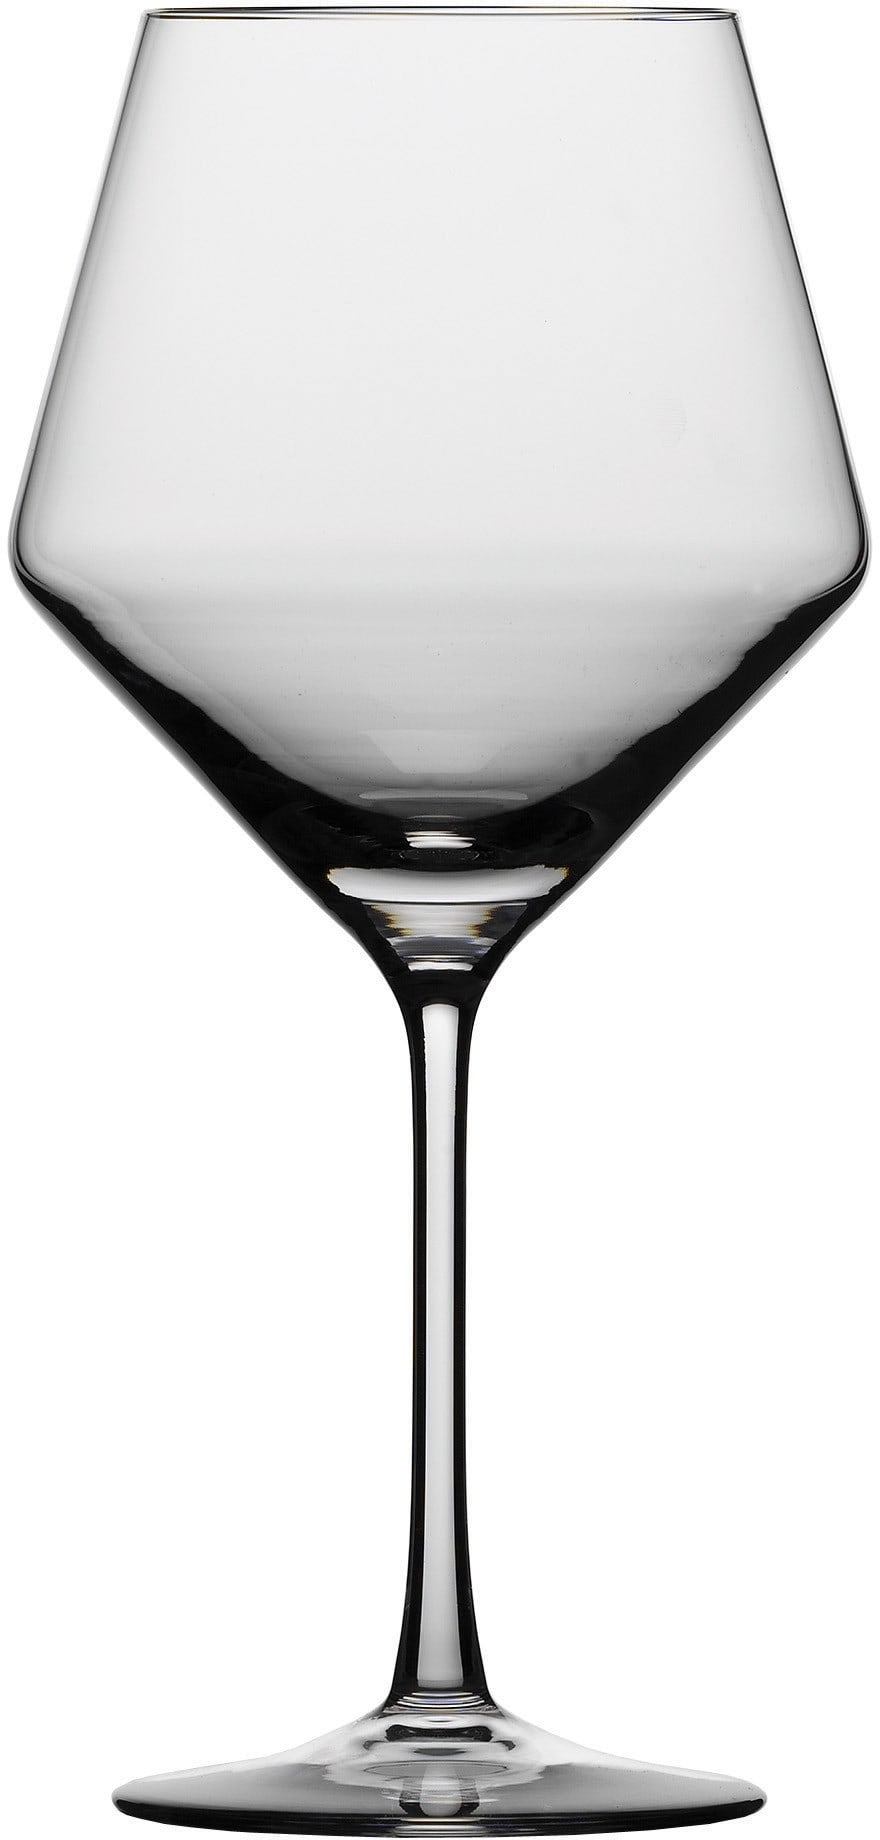 71b11fe56567 Schott Zwiesel 0026112421 Pure 6-Piece Burgundy Wine Glass Set with ...